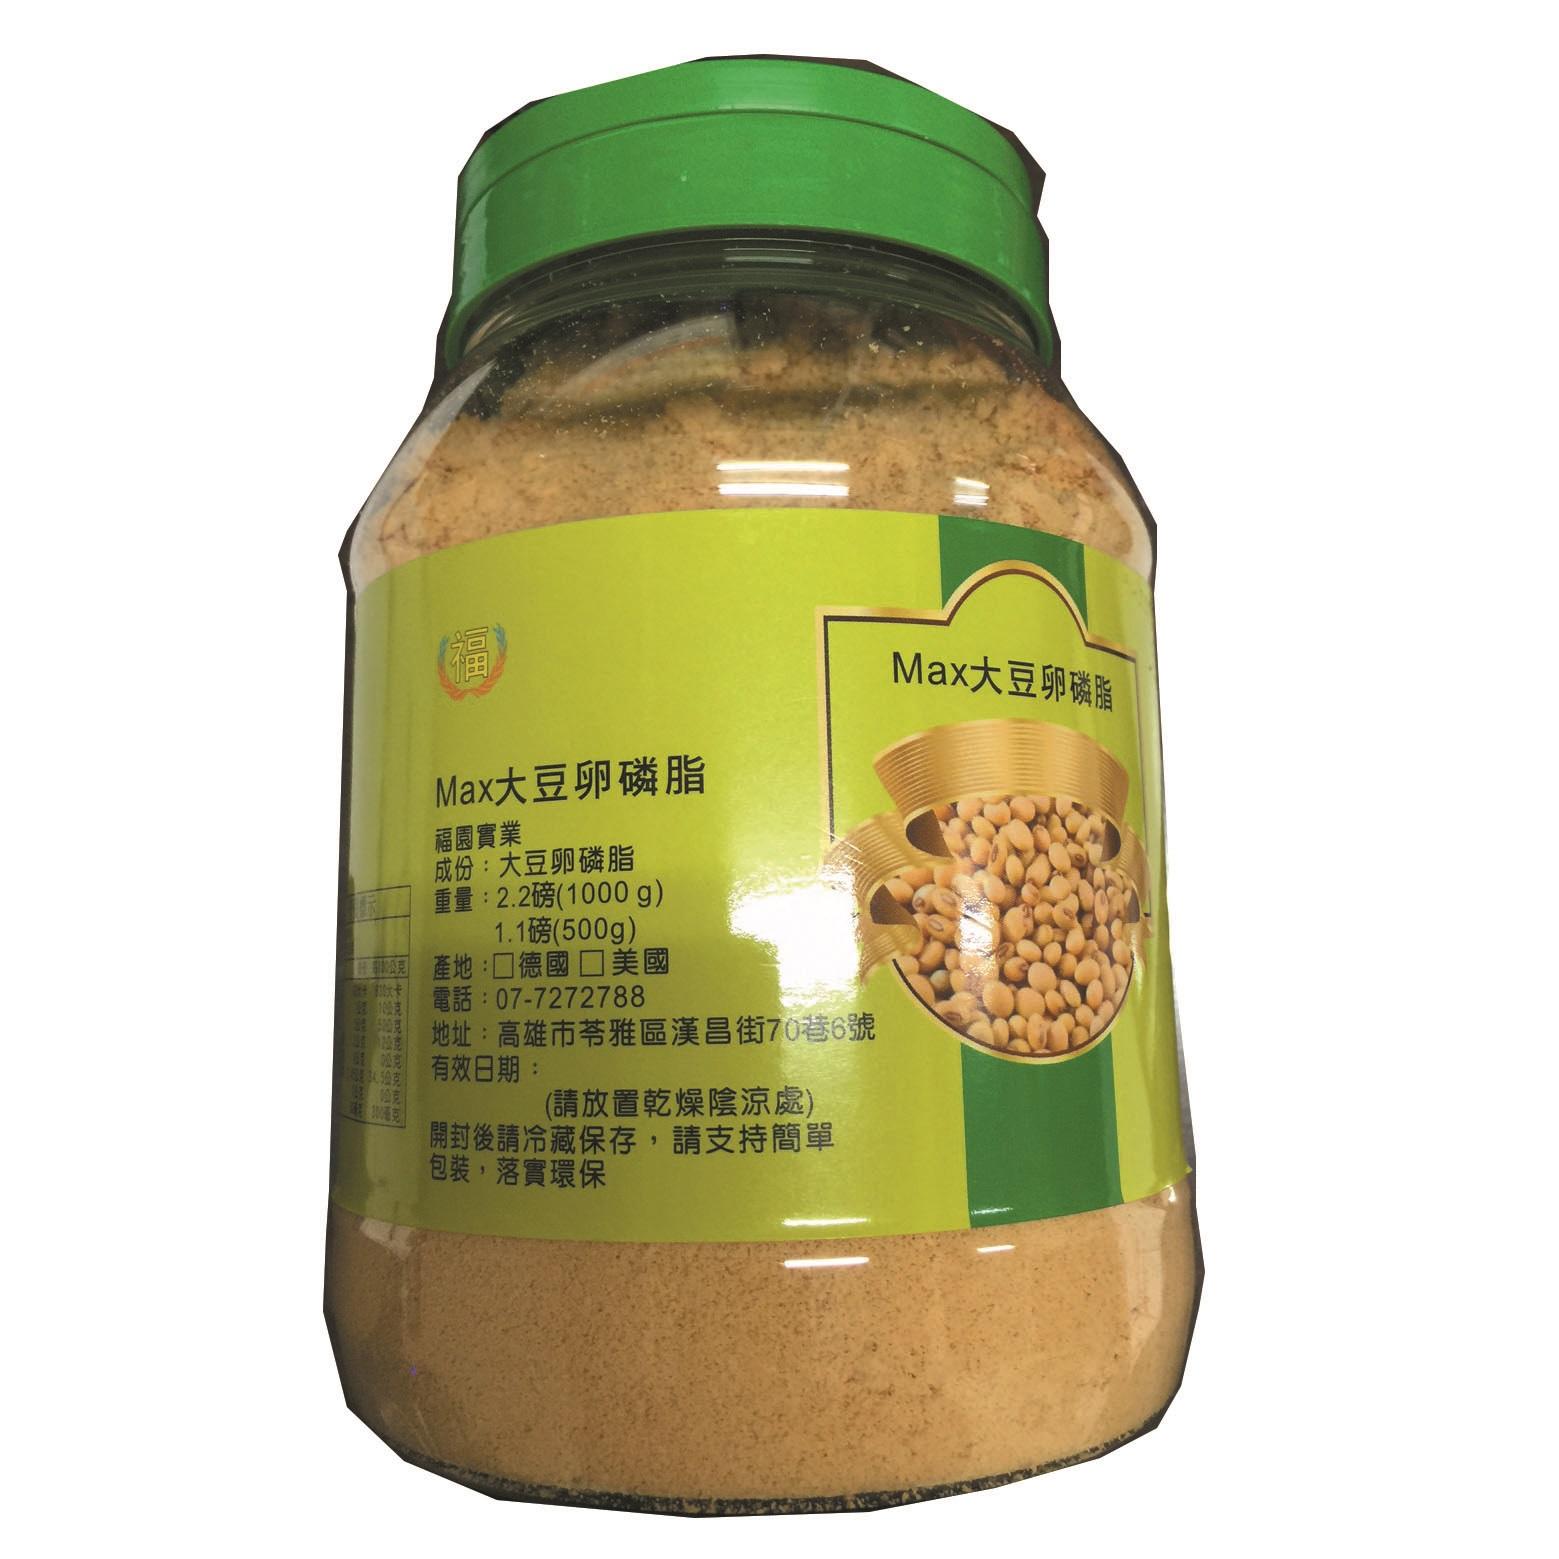 MAX 美國ADM 大豆卵磷脂 植物性 純大豆萃取 1公斤 10瓶入